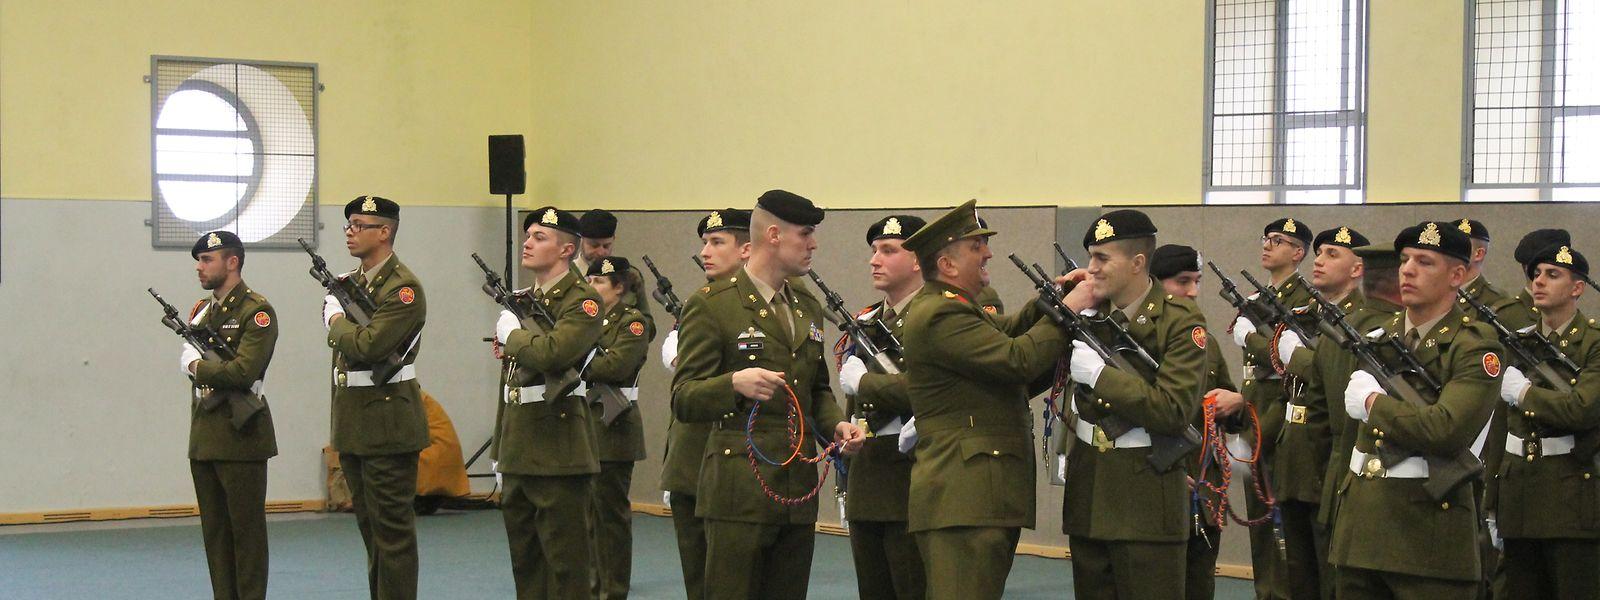 Após a cerimónia do juramento de bandeira, vários soldados foram condecorados pelo bom desempenho em missões internacionais ao serviço do Exército Luxemburguês.